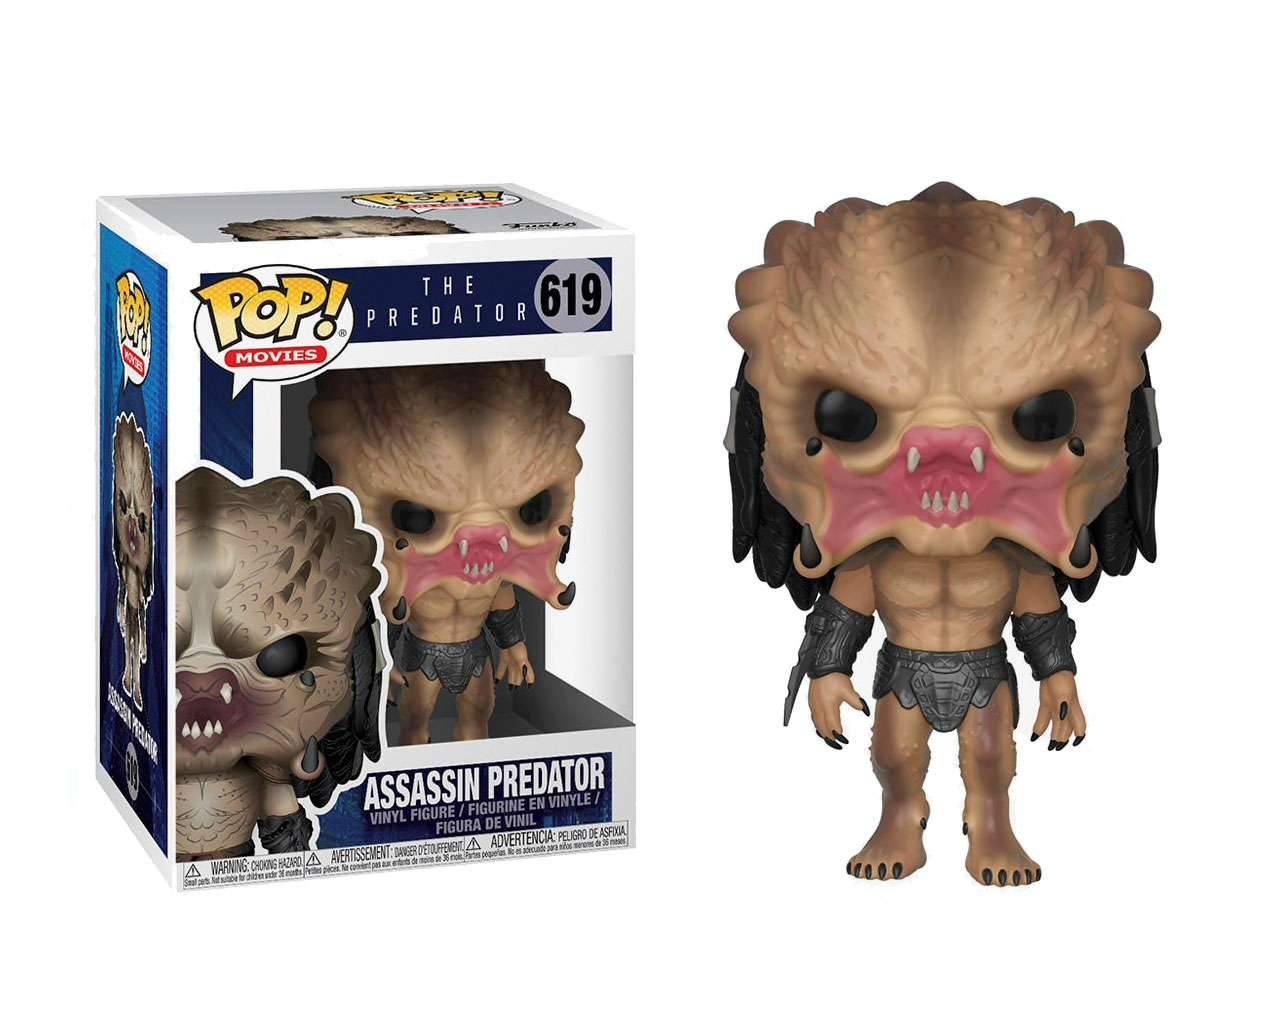 Assassin Predator (Super Predator) Pop! Vinyl